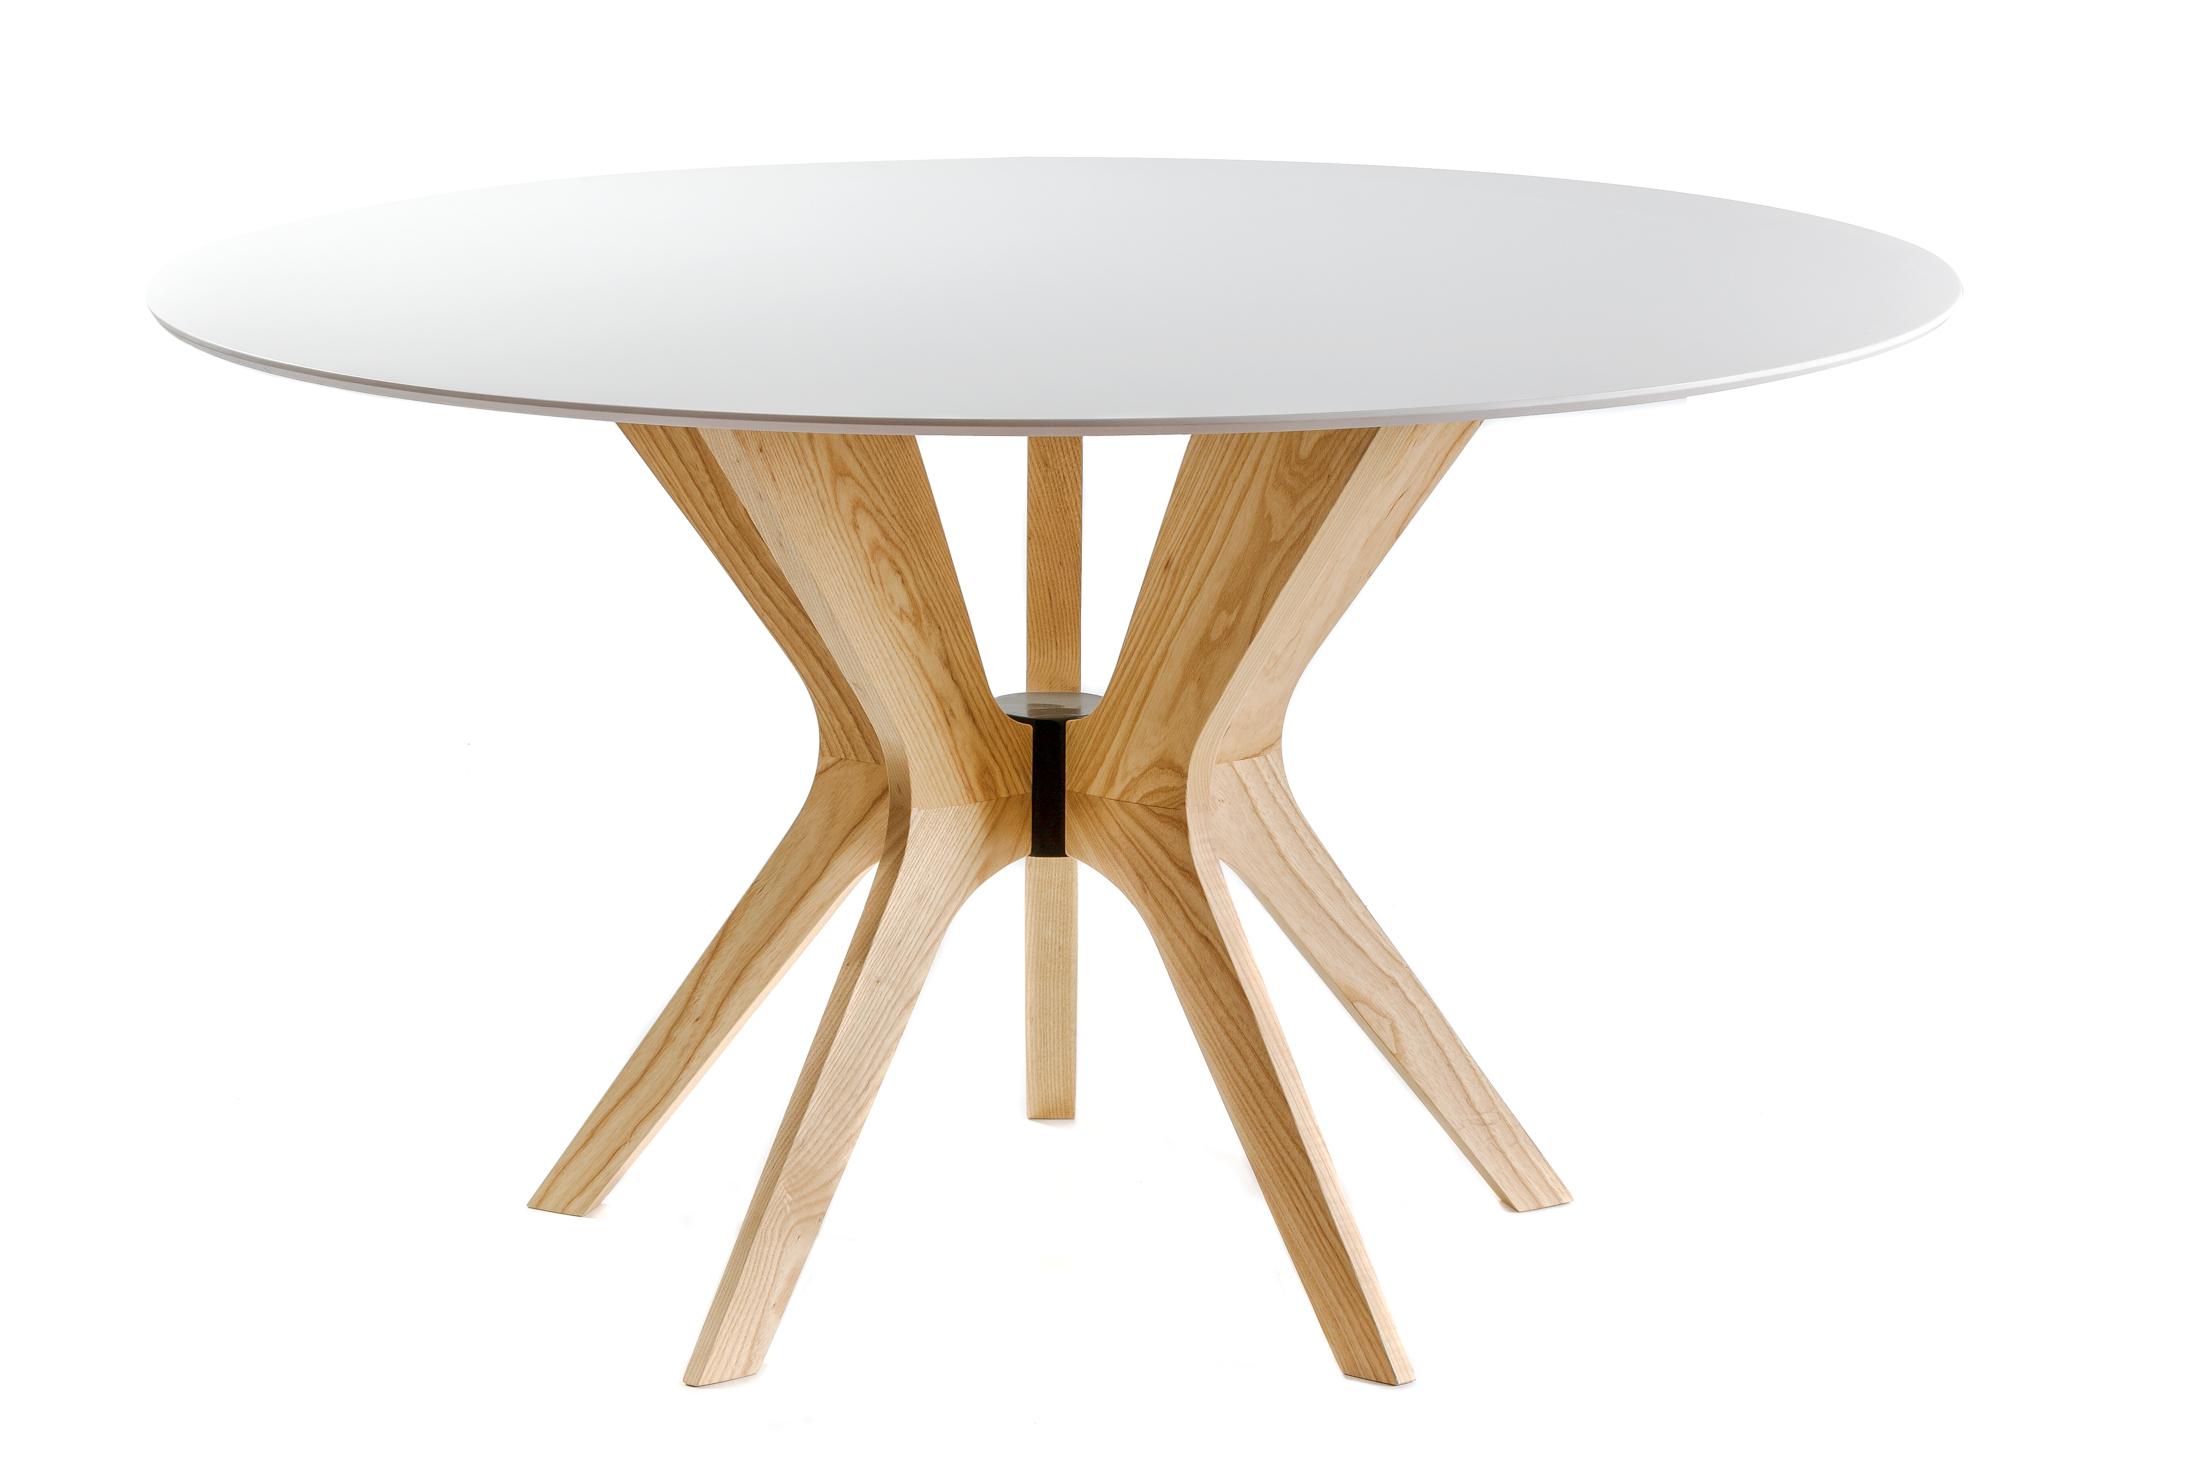 Tavolo rotondo dmogoro vetrine dell 39 artigiano artistico for Tavolo rotondo o qui